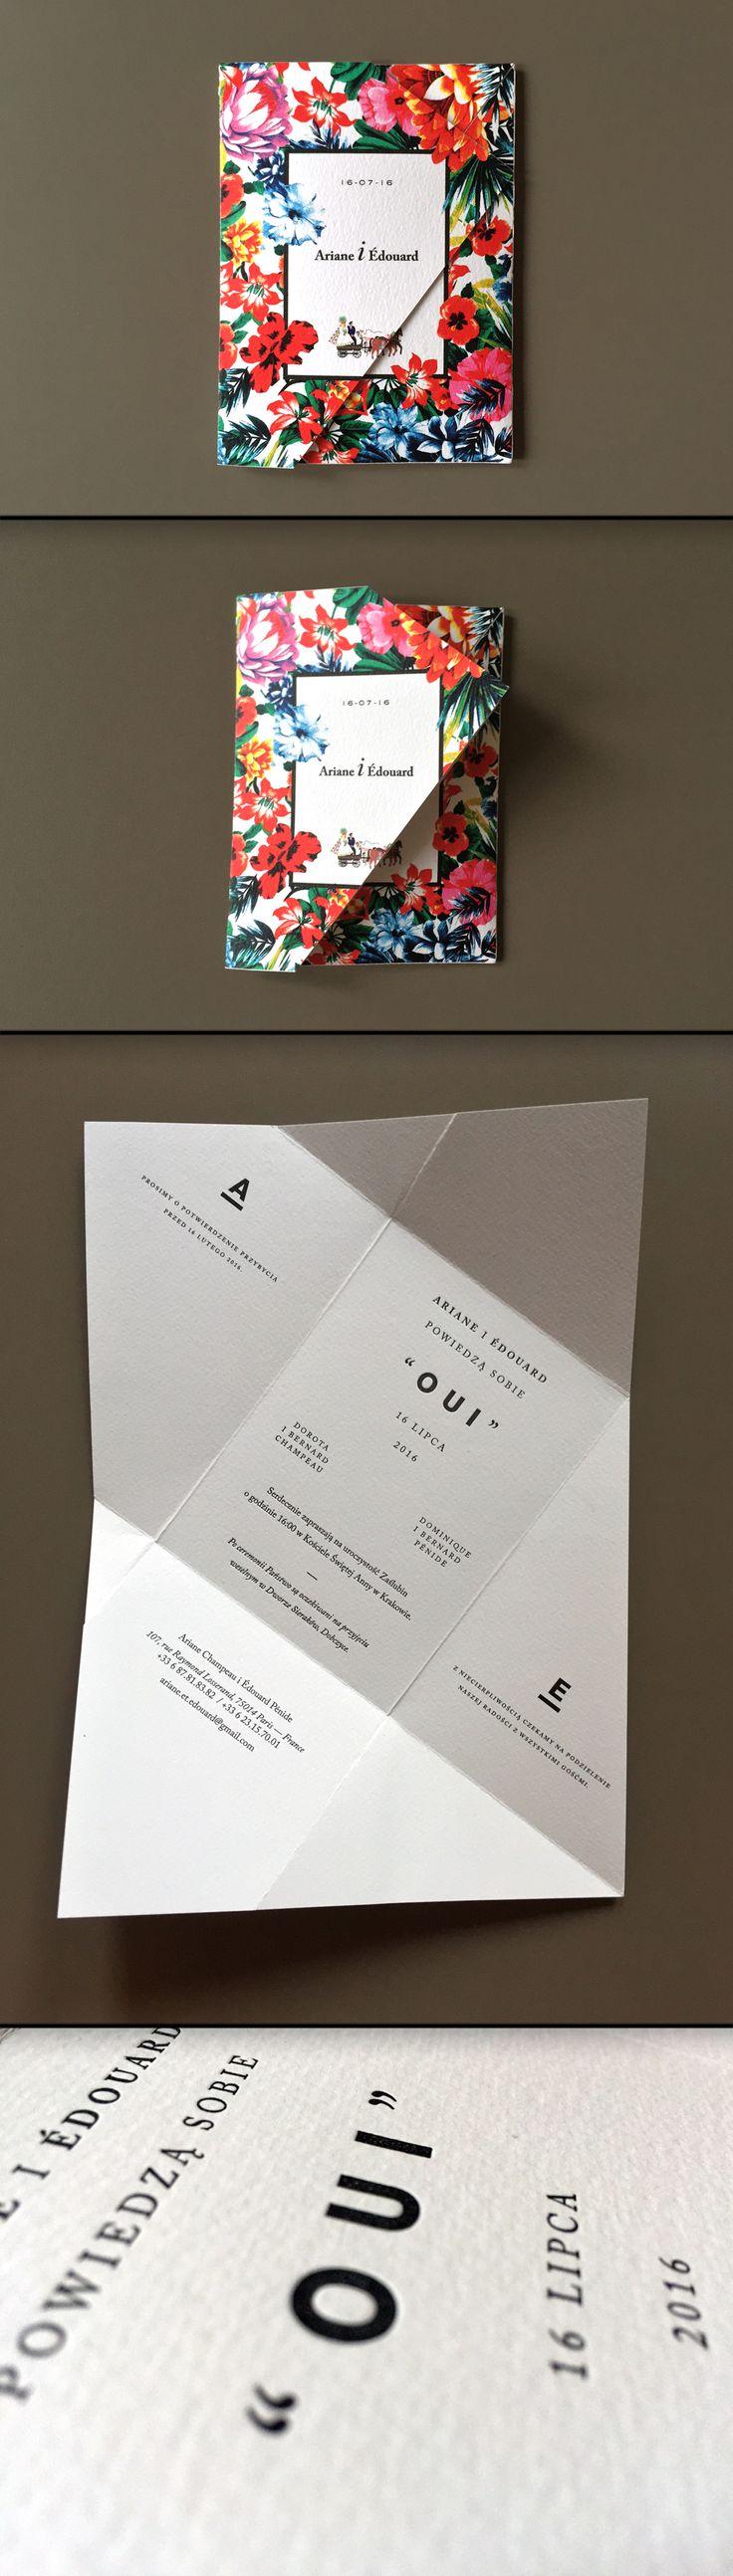 Impression quadri sur HP Indigo + découpe spéciale et marquage typographique #HPIndigo